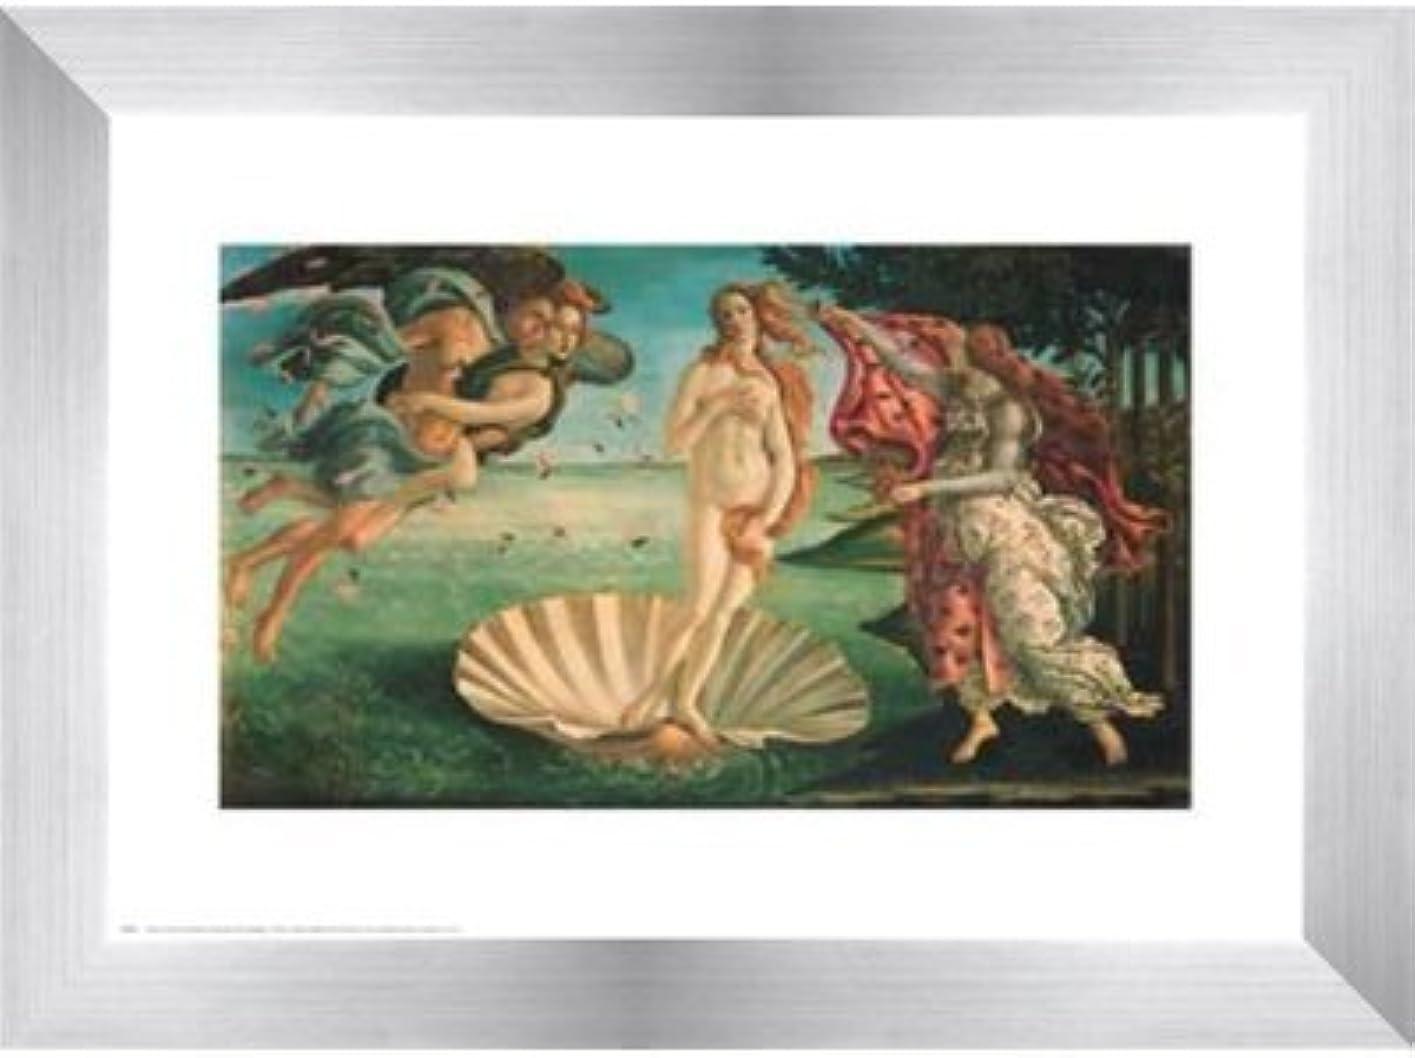 トンネル感動する古代Birth of Venus by Sandro Botticelli – 10 x 8インチ – アートプリントポスター LE_28409-F9935-10x8